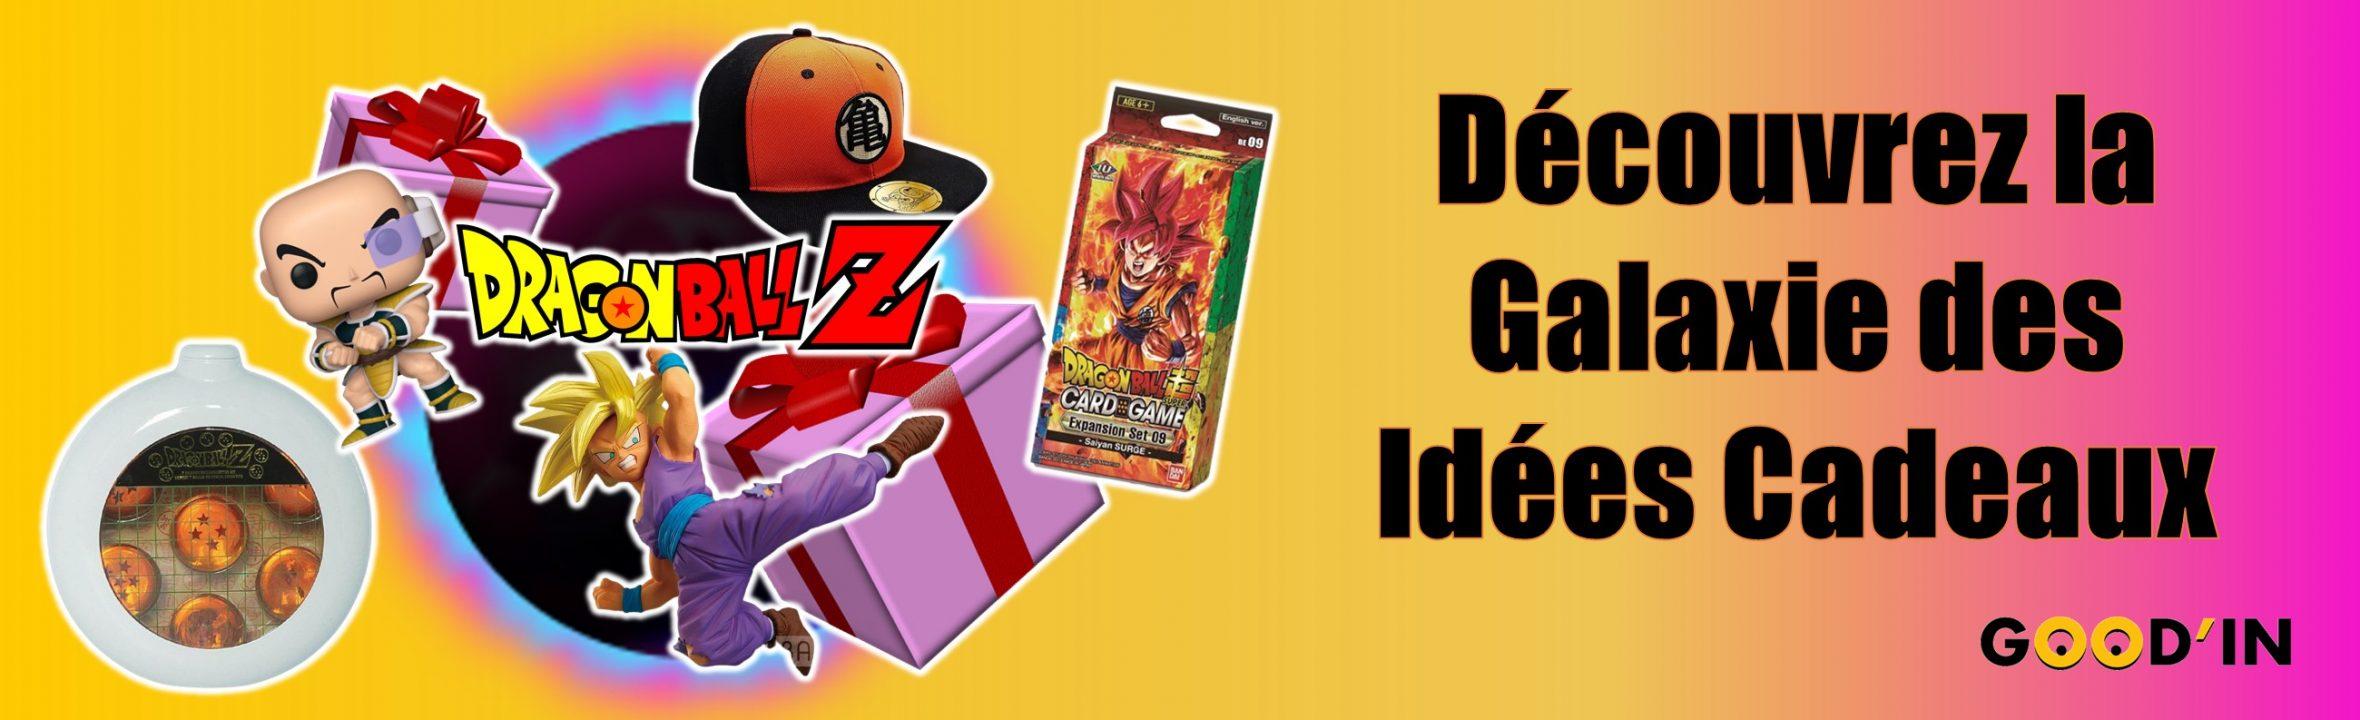 Galaxie des idées cadeaux Dragon ball z Goodin shop